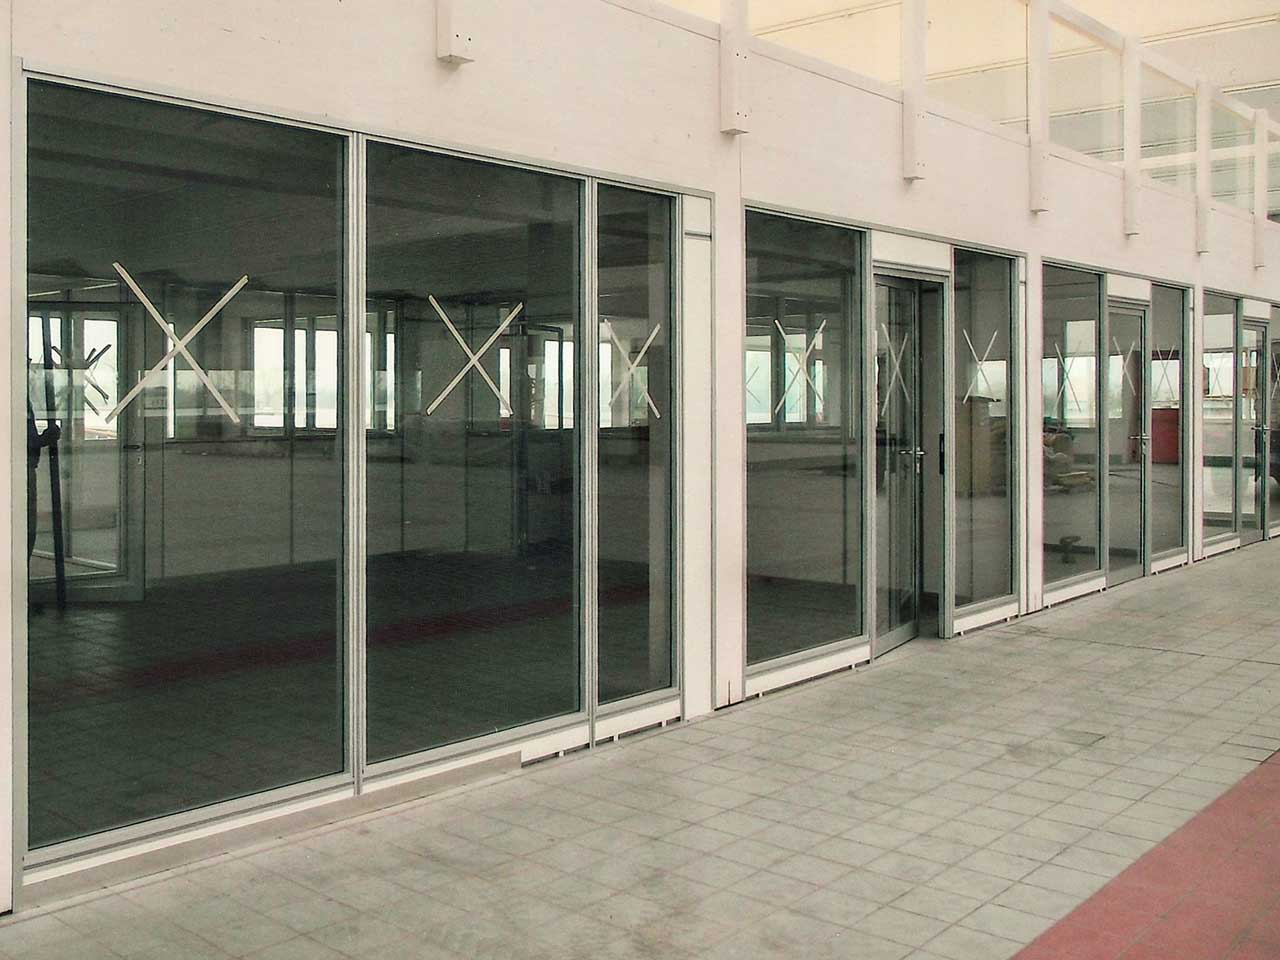 Uffici con pareti mobili in vetro integrabili con pareti for Mobili ufficio moderni